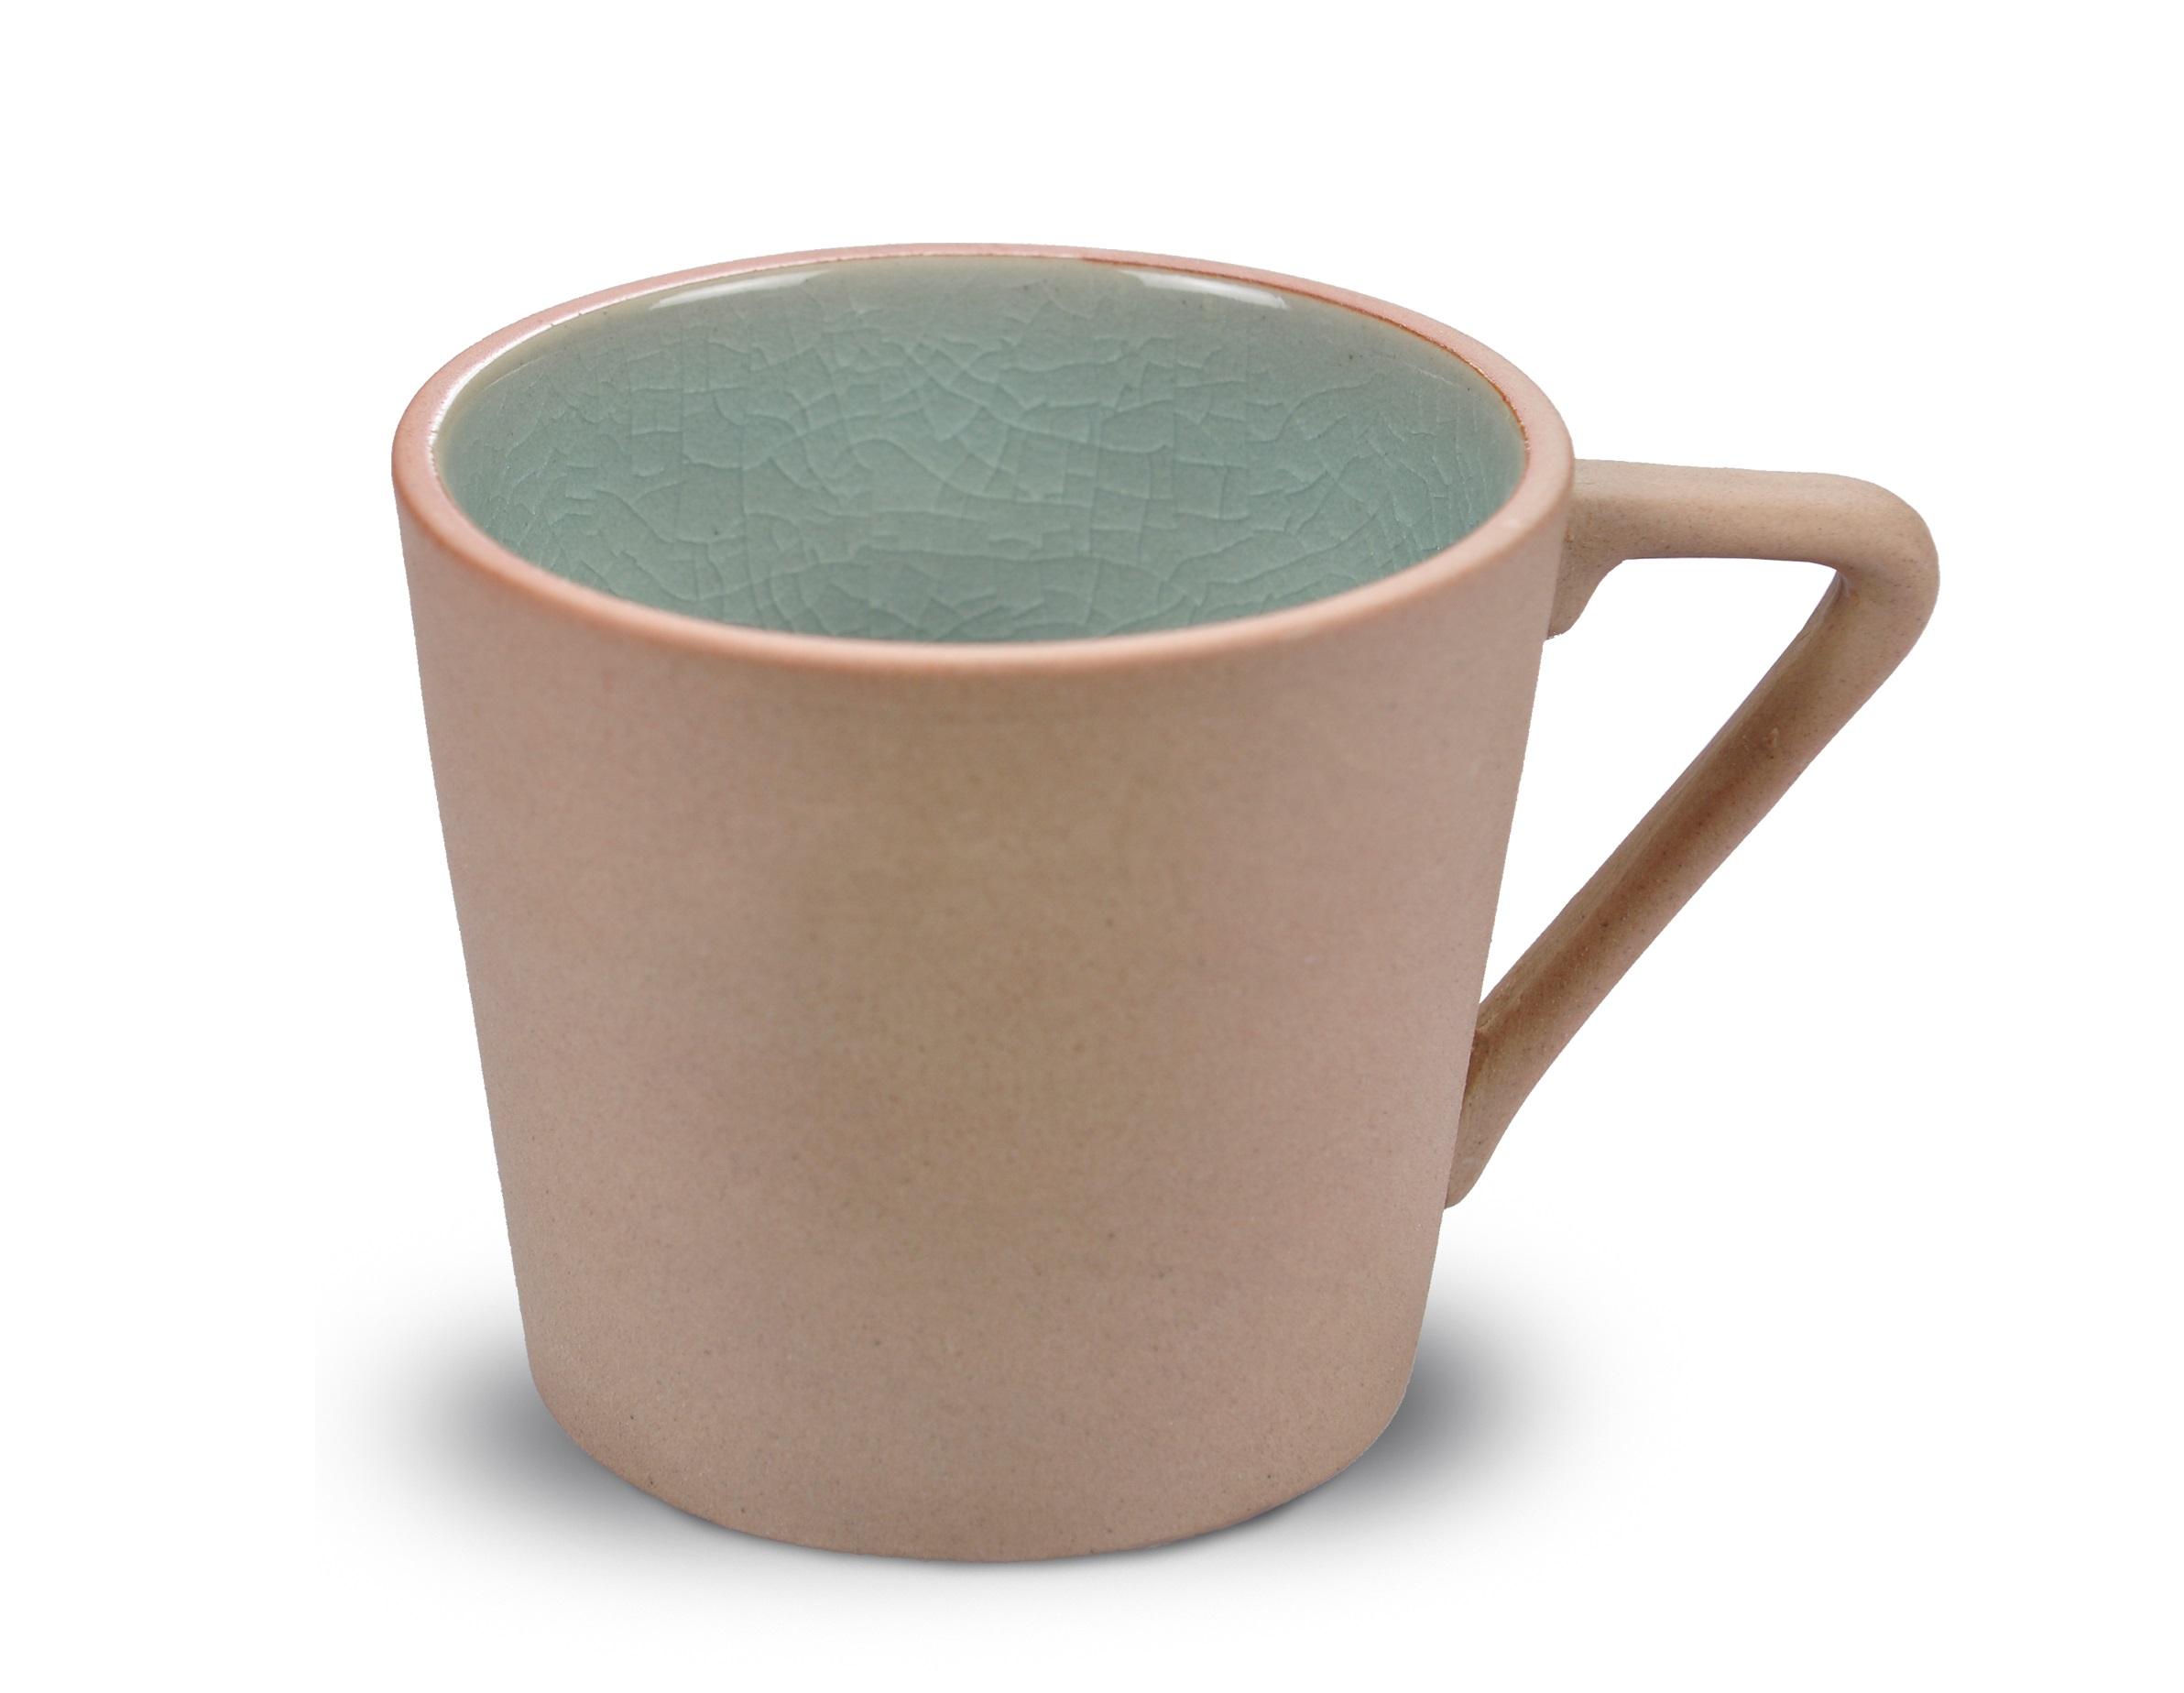 Кофейная чашка ConceptЧайные пары, чашки и кружки<br>Сочетание минималистических тенденций и классической текстуры позволило создать посуду, способную удовлетворить самый изысканный вкус. Коллекция напоминает о тех минутах, когда природа замирает в ожидании чуда. Домашний обед или ужин в ресторане, коллекция &amp;quot;Concept&amp;quot; создаст атмосферу индивидуальности, изысканности и гармонии.&amp;amp;nbsp;&amp;lt;div&amp;gt;&amp;lt;br&amp;gt;&amp;lt;/div&amp;gt;&amp;lt;div&amp;gt;Чашка - 300 мл.&amp;lt;/div&amp;gt;<br><br>Material: Керамика<br>Height см: 8.9<br>Diameter см: 10.2